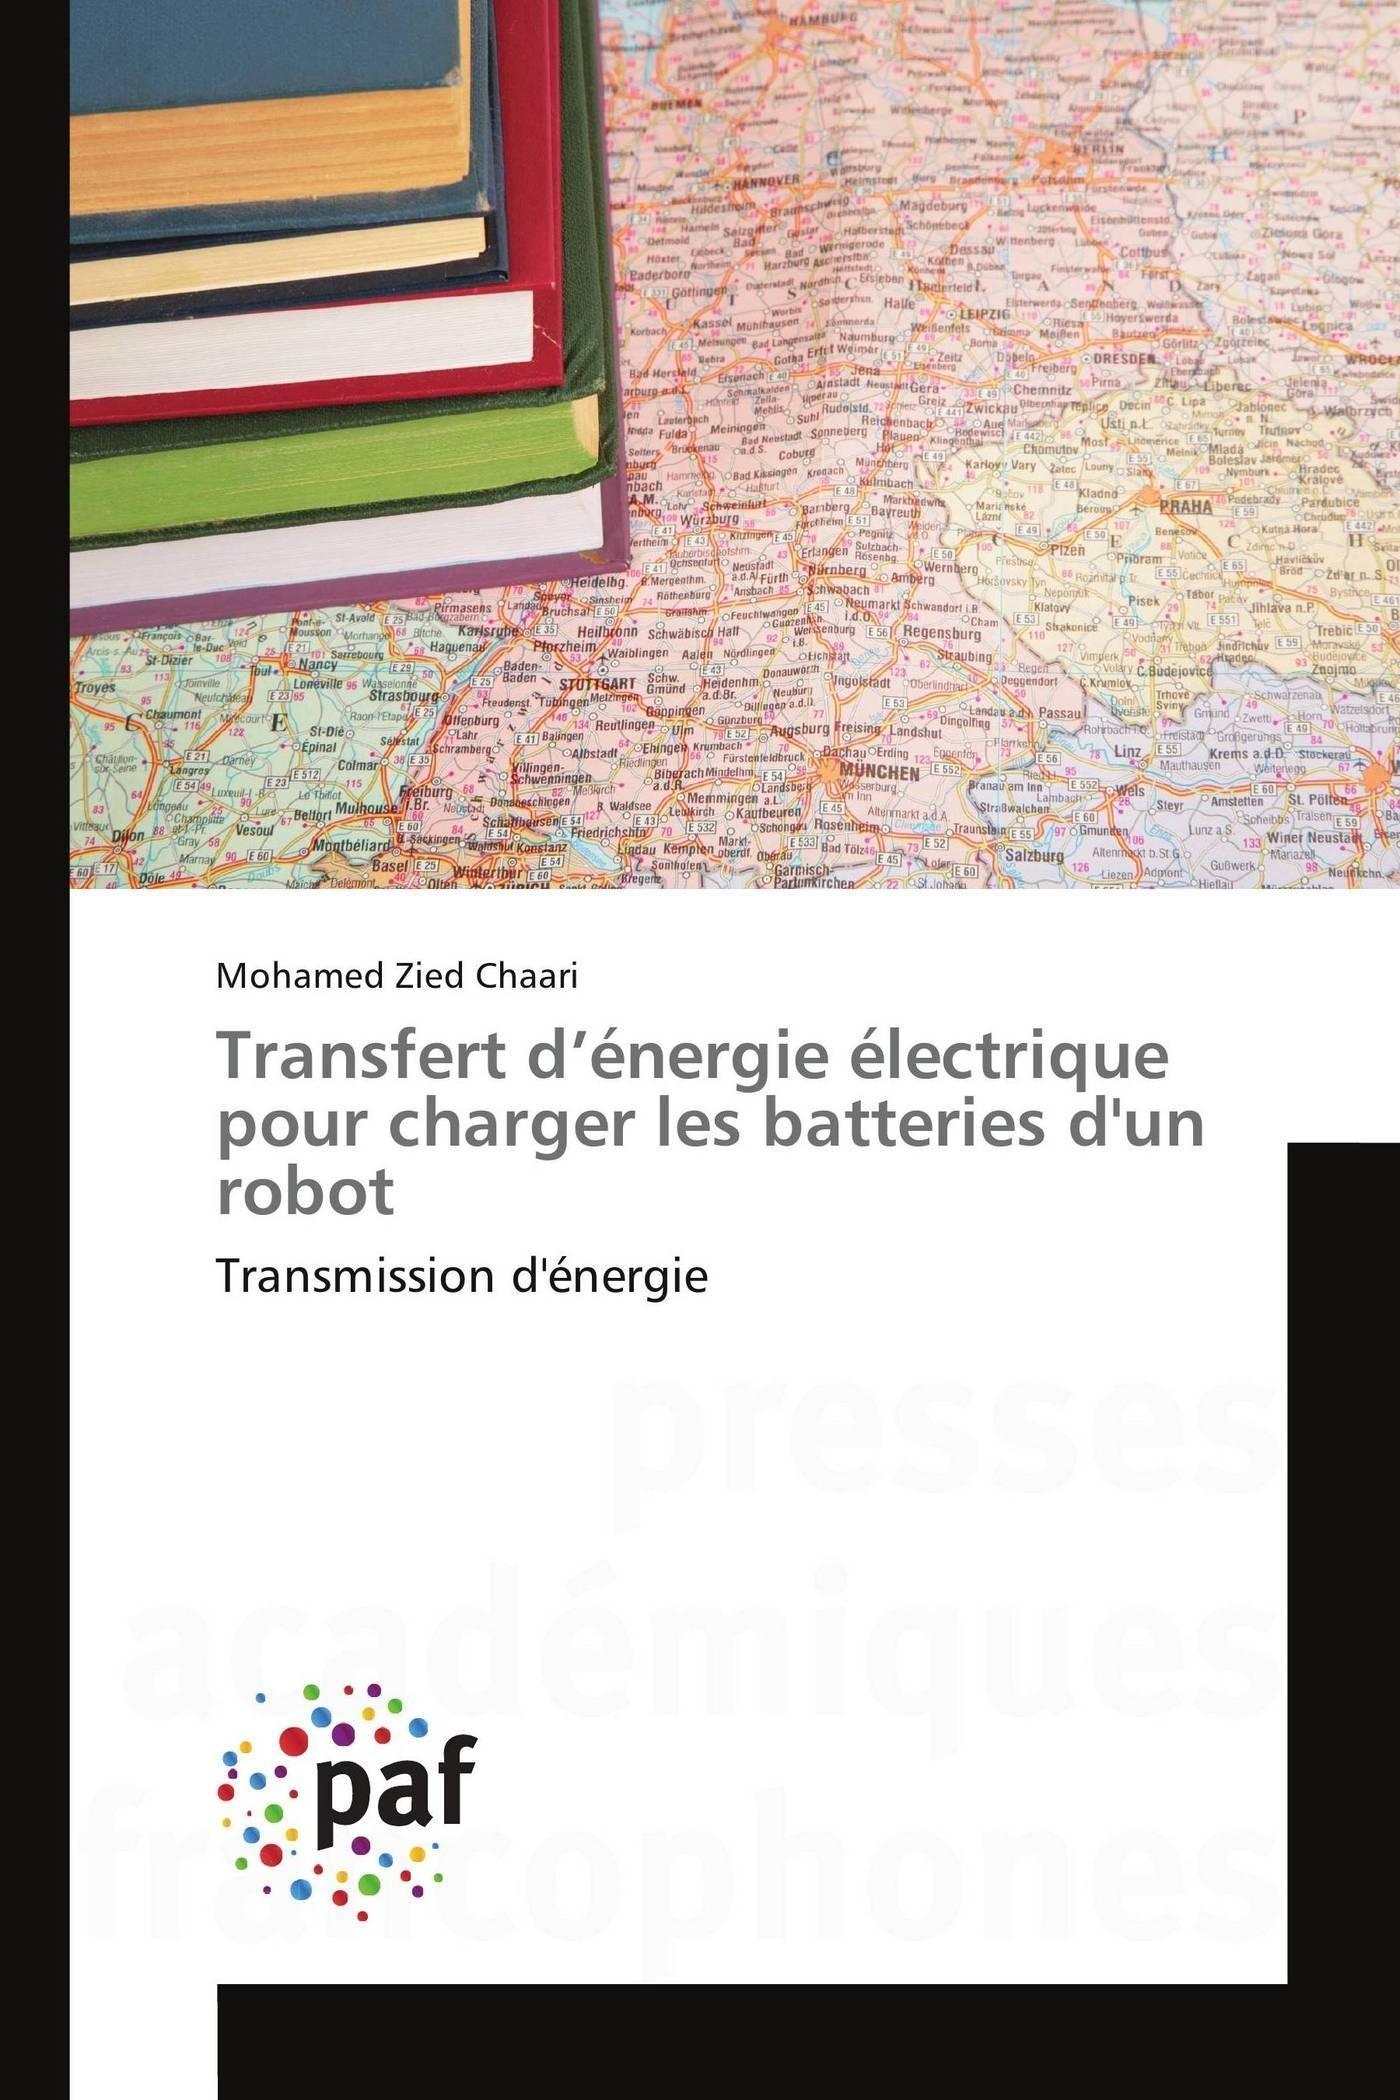 TRANSFERT D ENERGIE ELECTRIQUE POUR CHARGER LES BATTERIES D'UN ROBOT